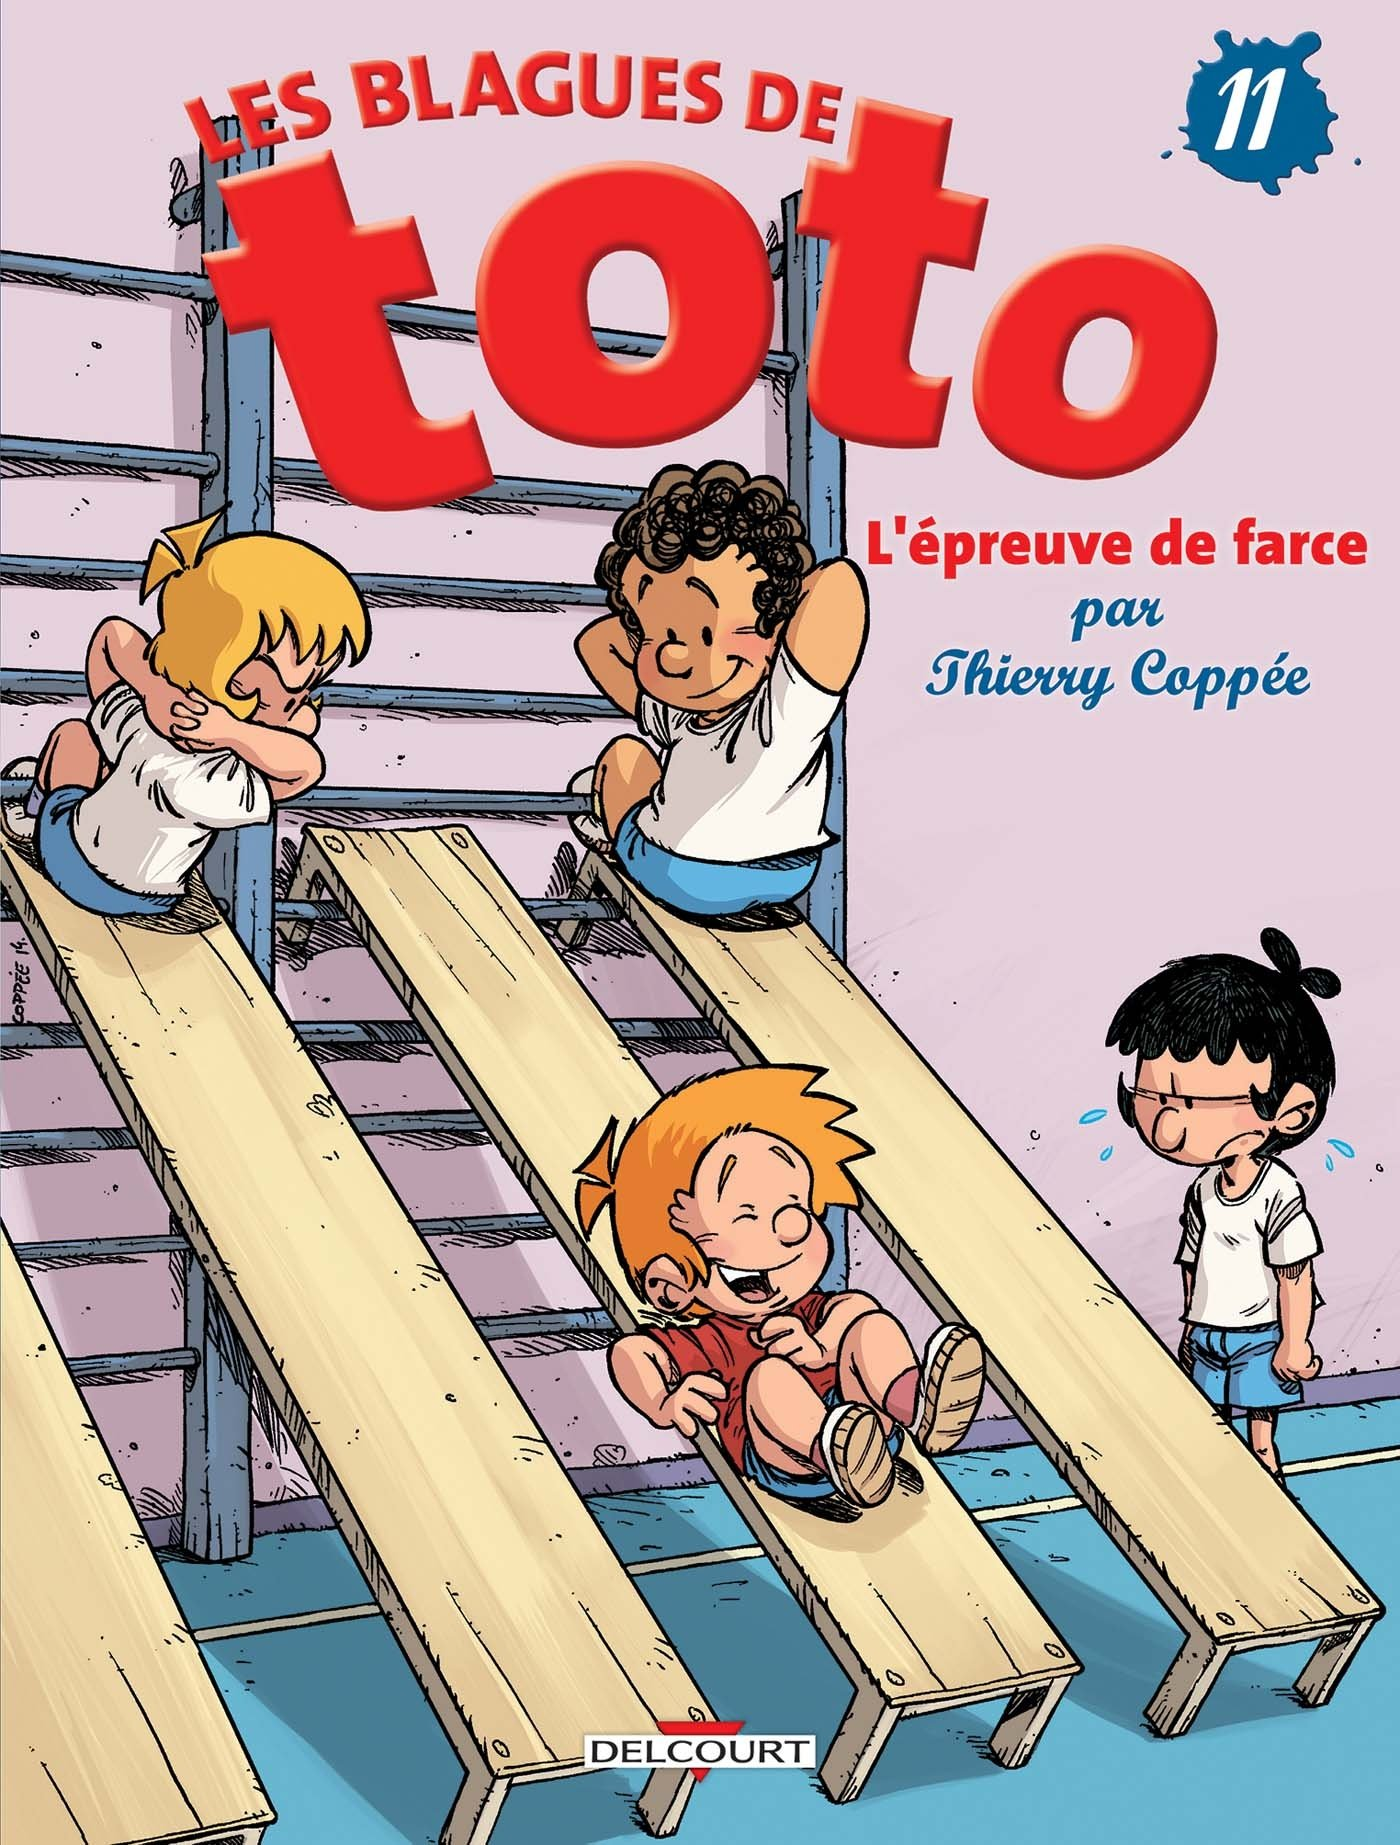 Les Blagues de Toto T11 - L'Épreuve de farce Album – 13 novembre 2014 Thierry Coppée Delcourt 2756057738 Bandes dessinées